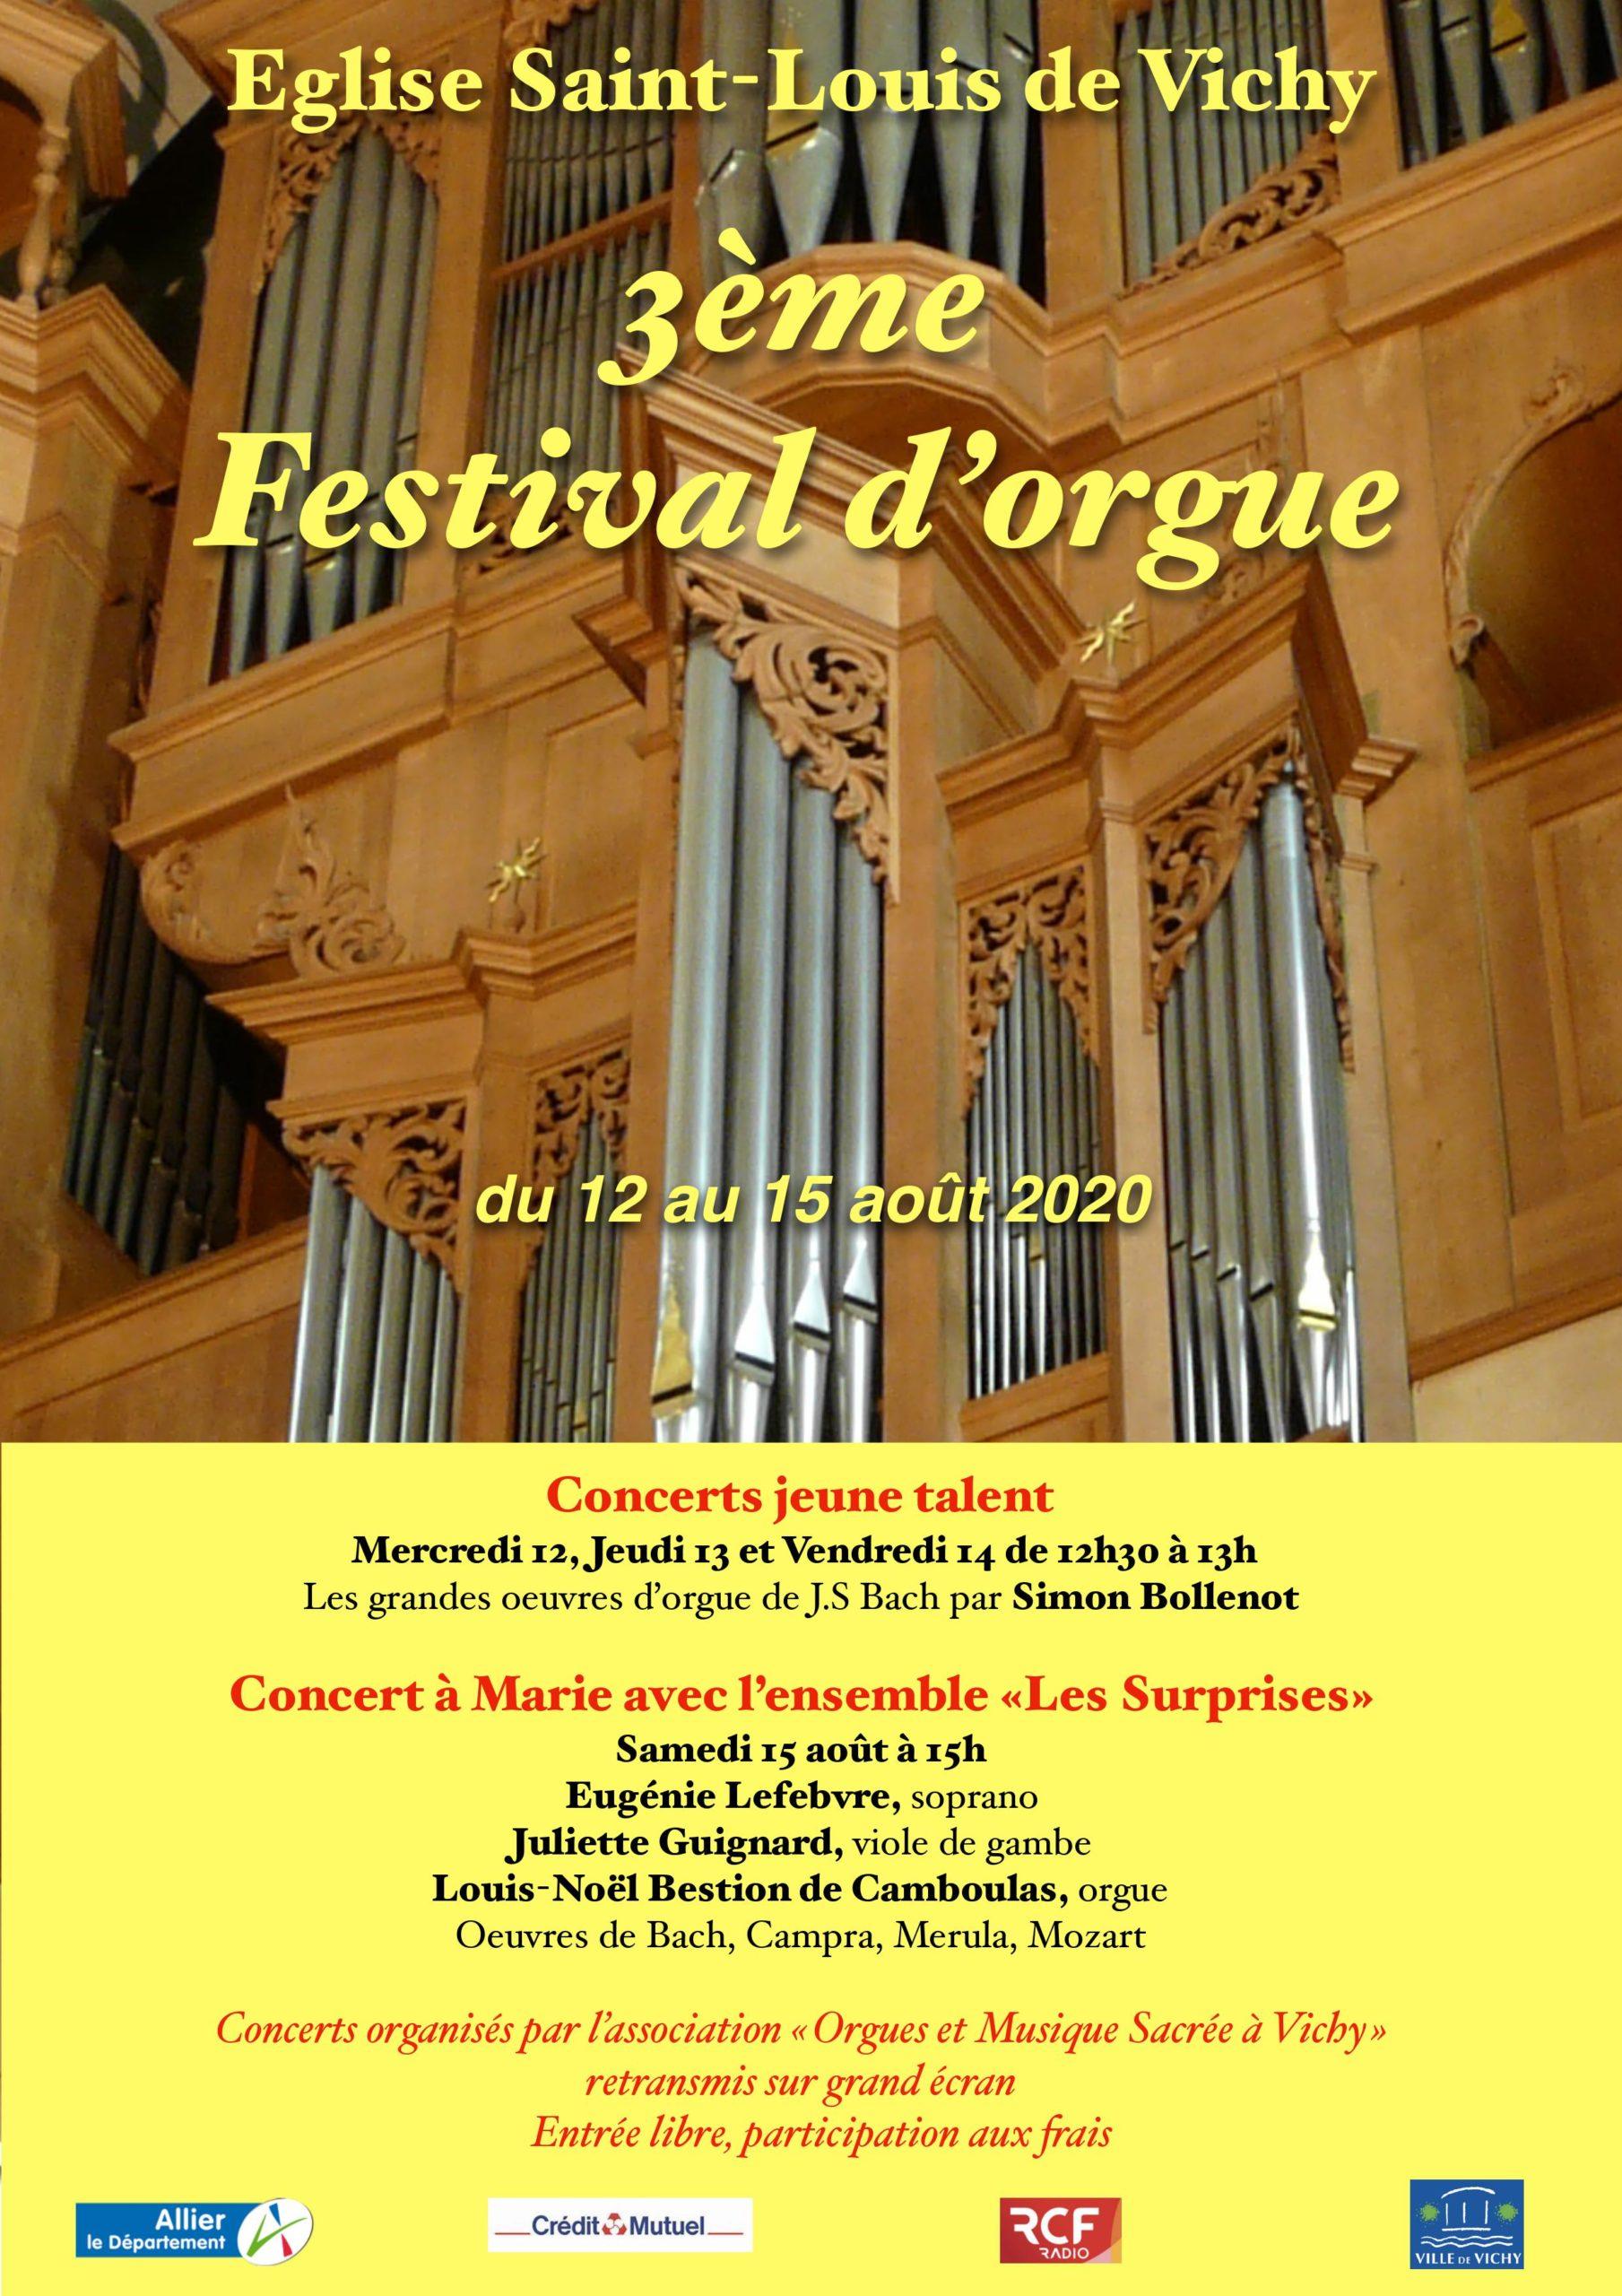 3ème Festival d'orgue les 12, 13, 14, 15 août  Église Saint-Louis